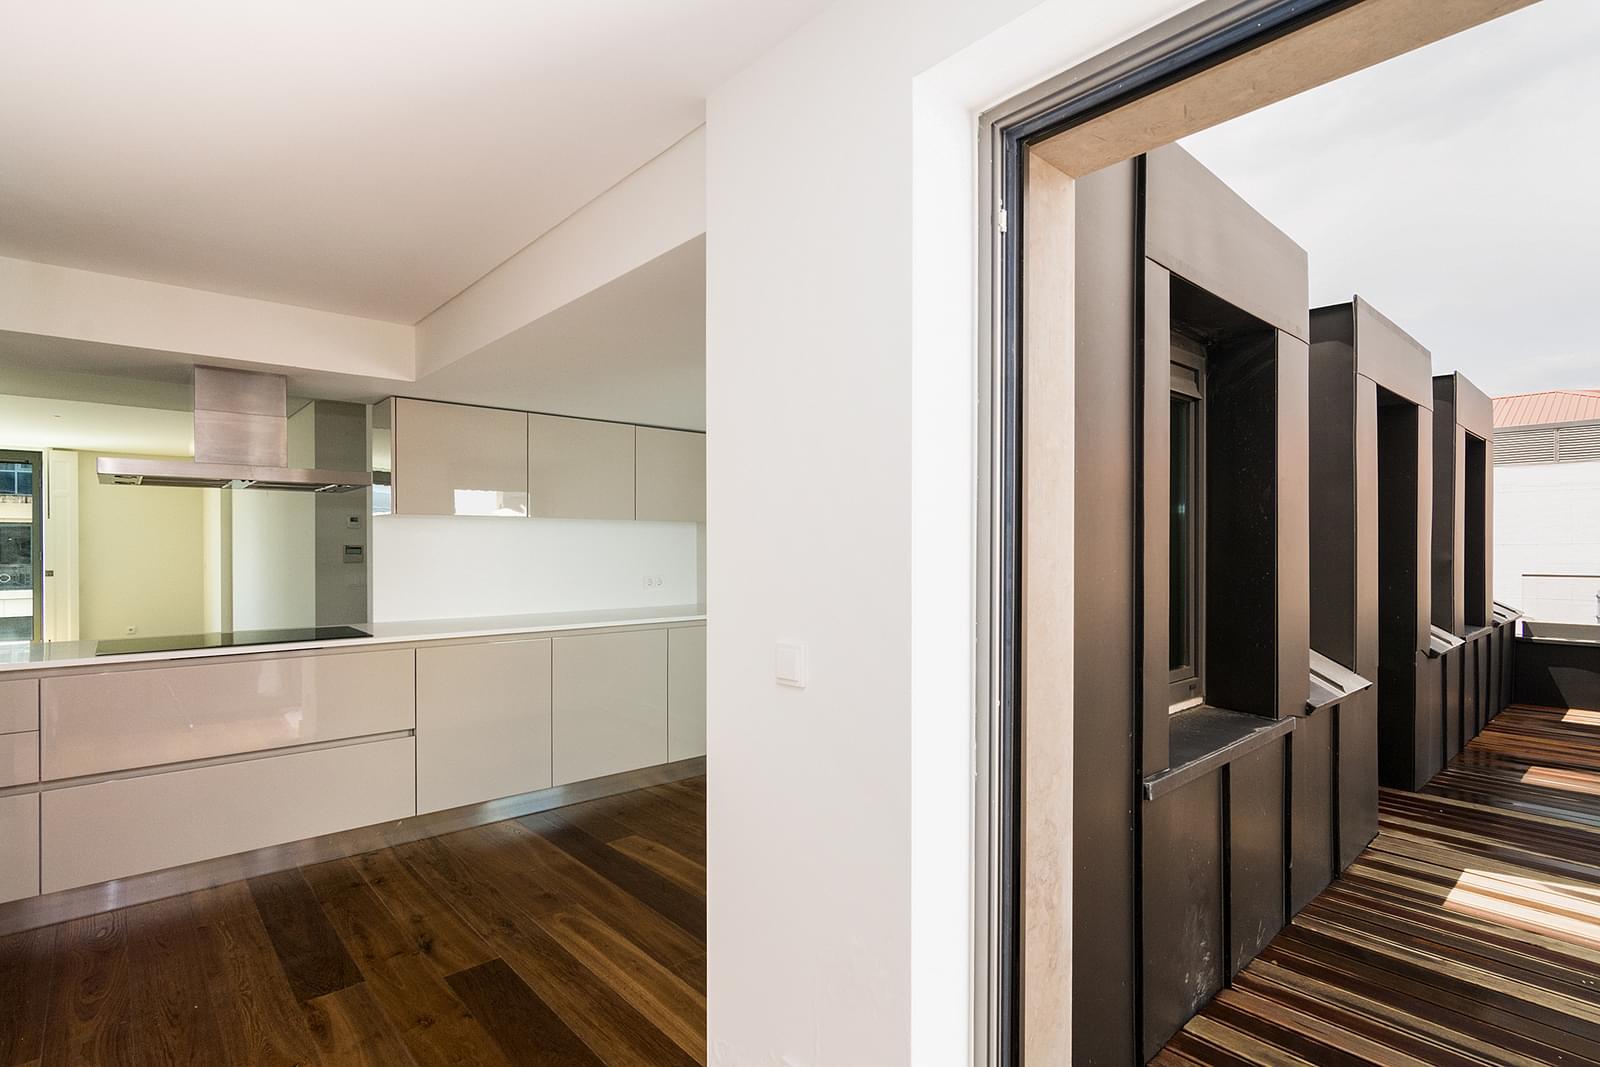 pf17442-apartamento-t3-lisboa-071ba12a-b82b-4f10-af65-b325779d48d8